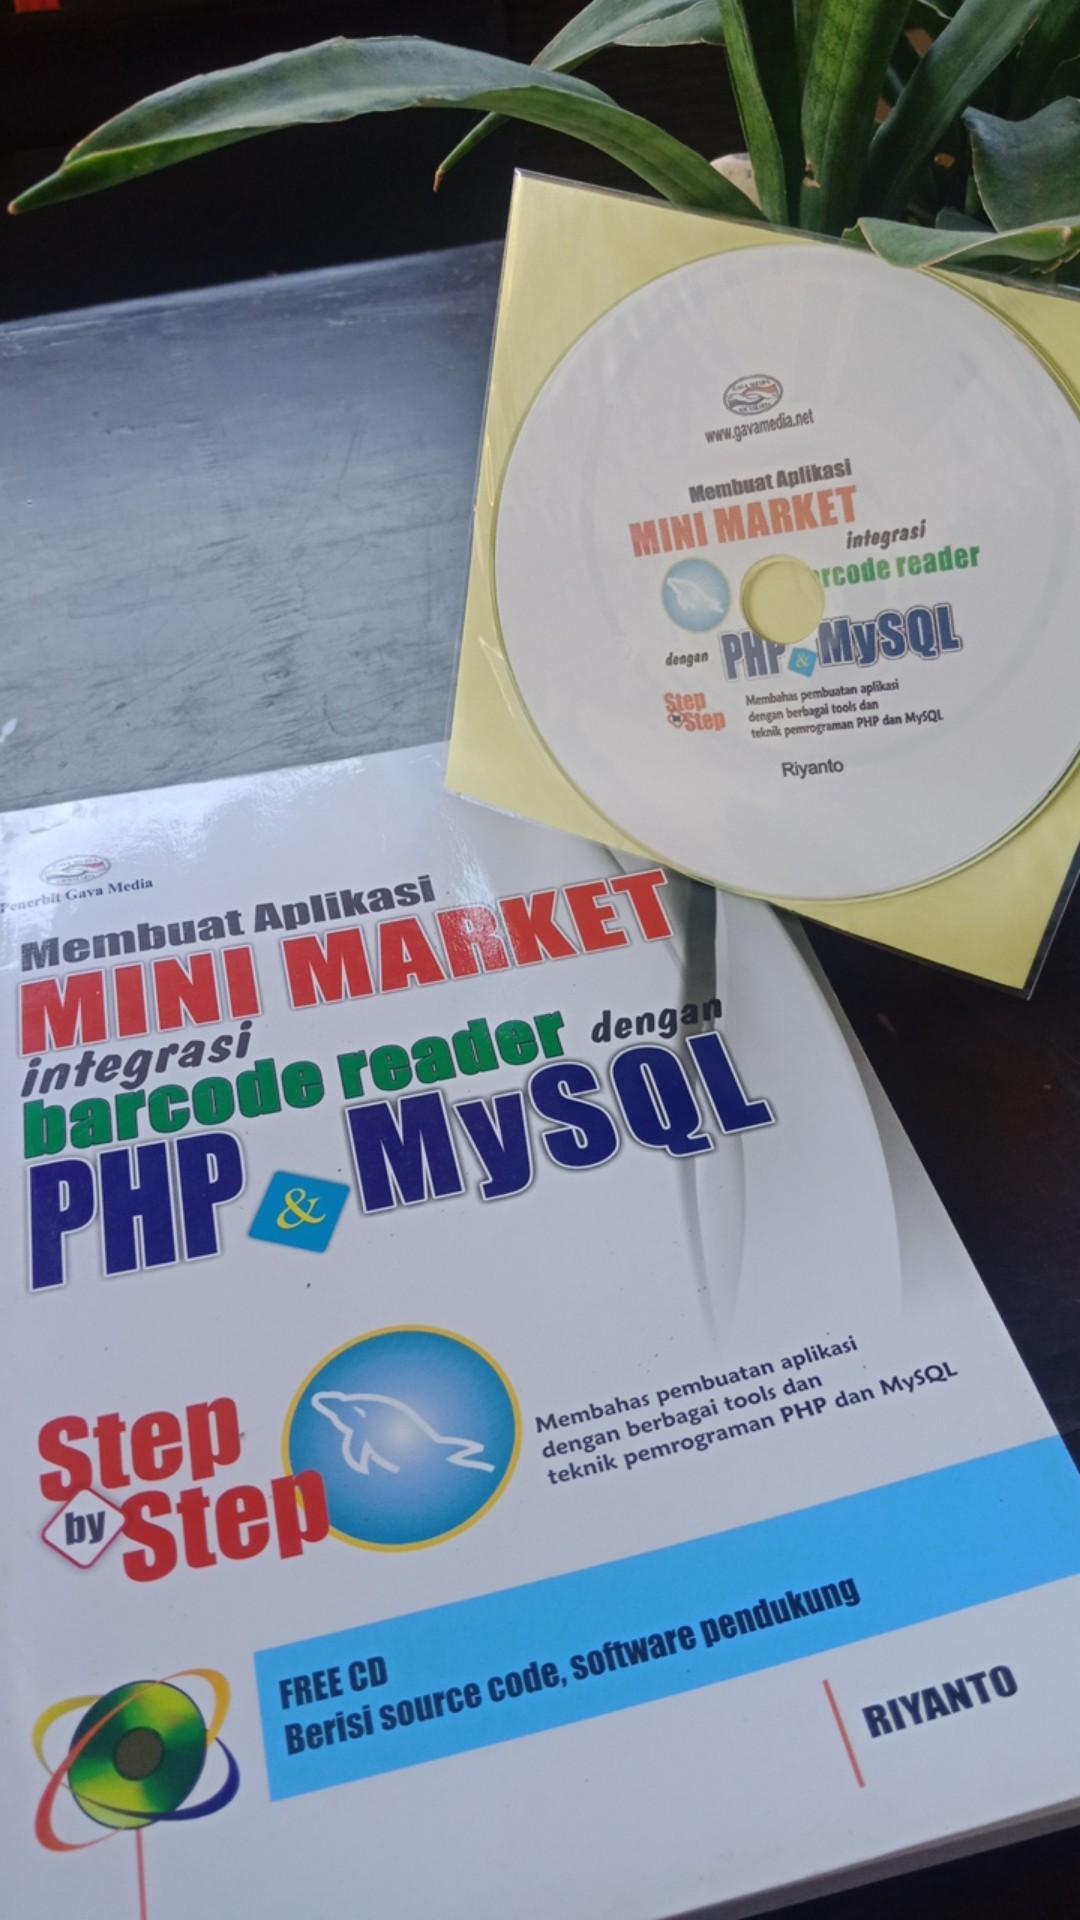 Membuat Aplikasi Barcode Dengan Php : membuat, aplikasi, barcode, dengan, Membuat, Aplikasi, Market, Integrasi, Barcode, Dengan, Mysql, Shopee, Indonesia